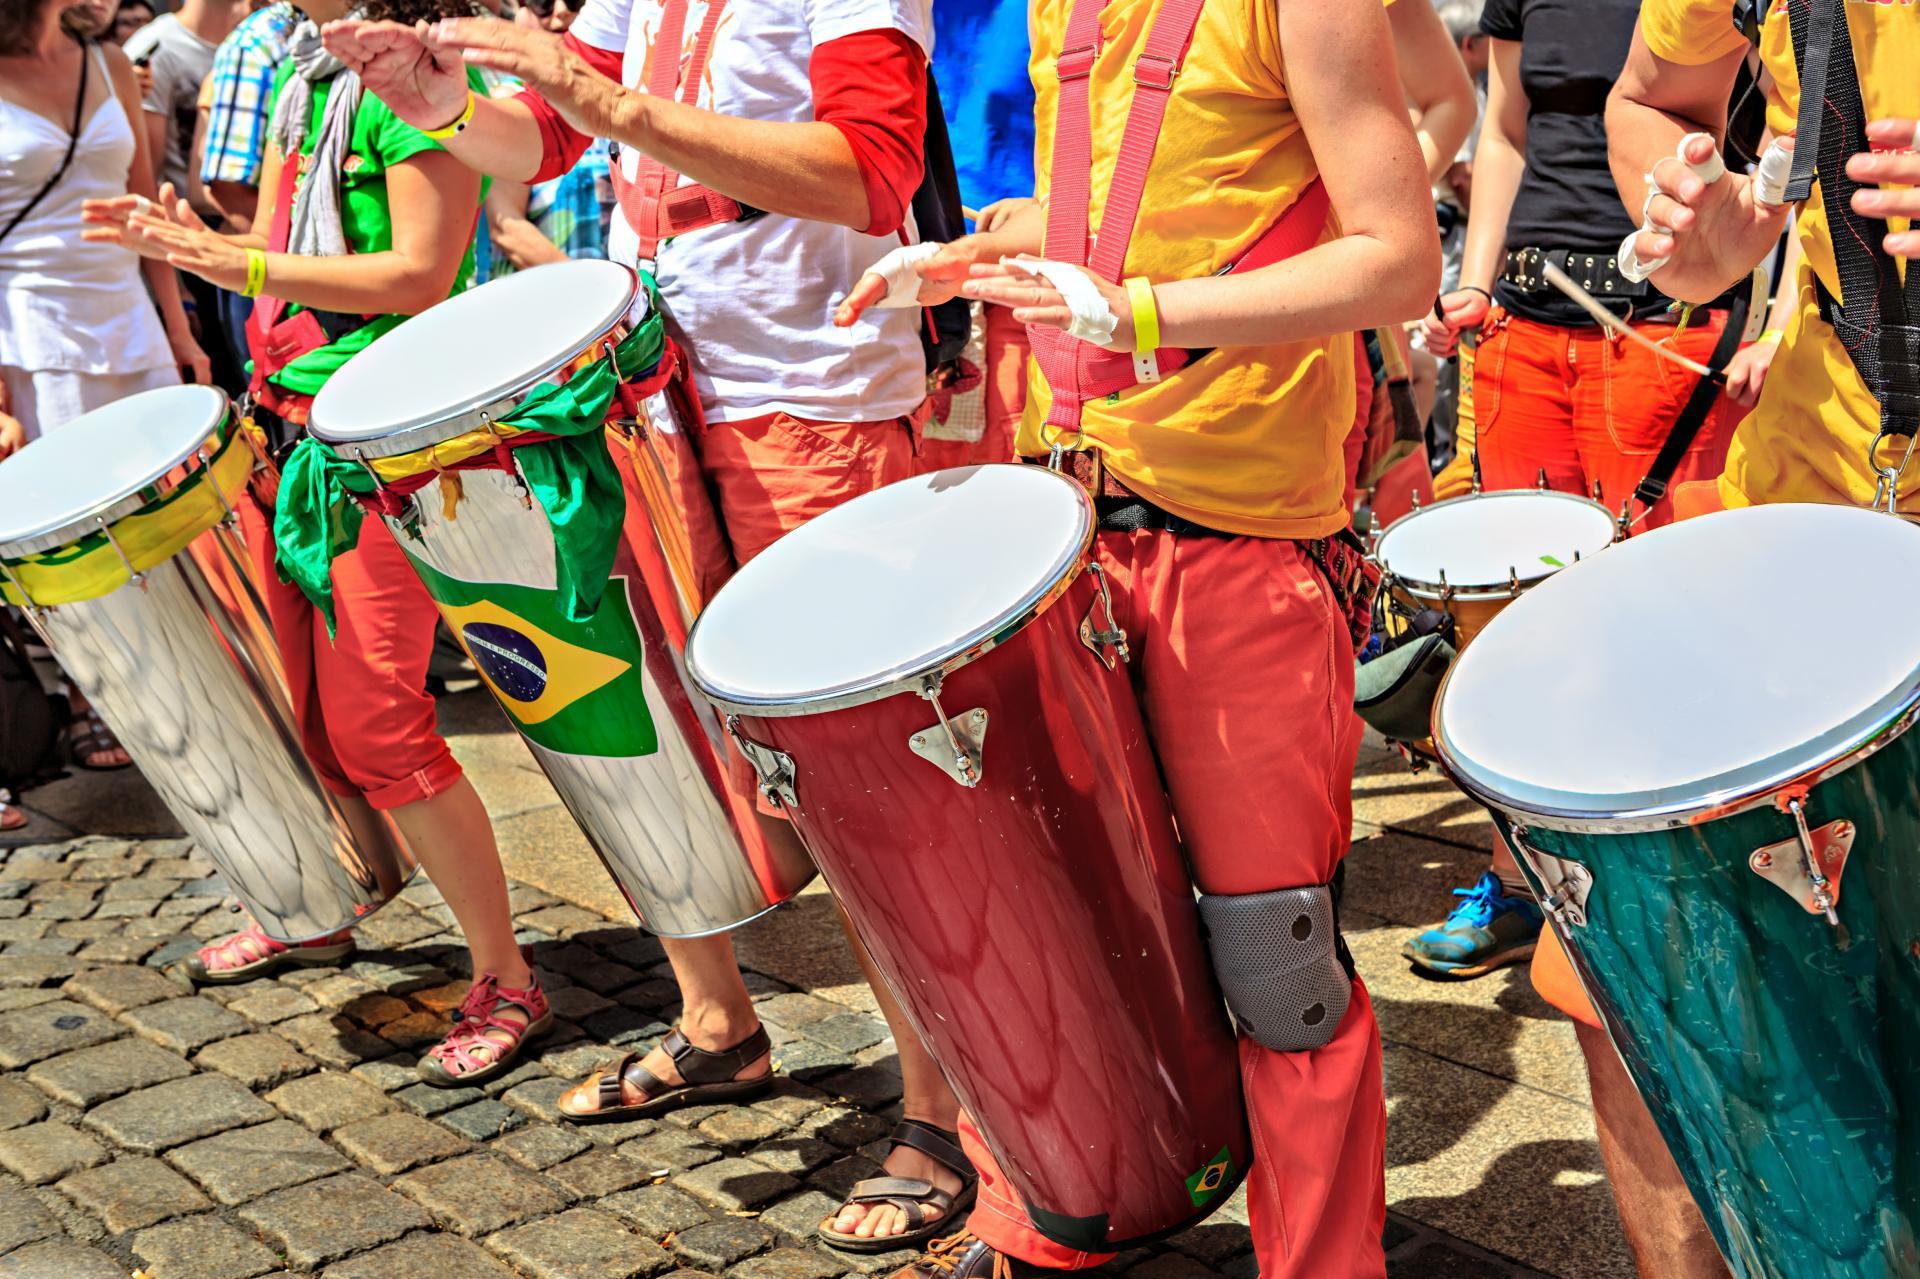 Sambaparade mit großen Trommeln in Rio de Janeiro